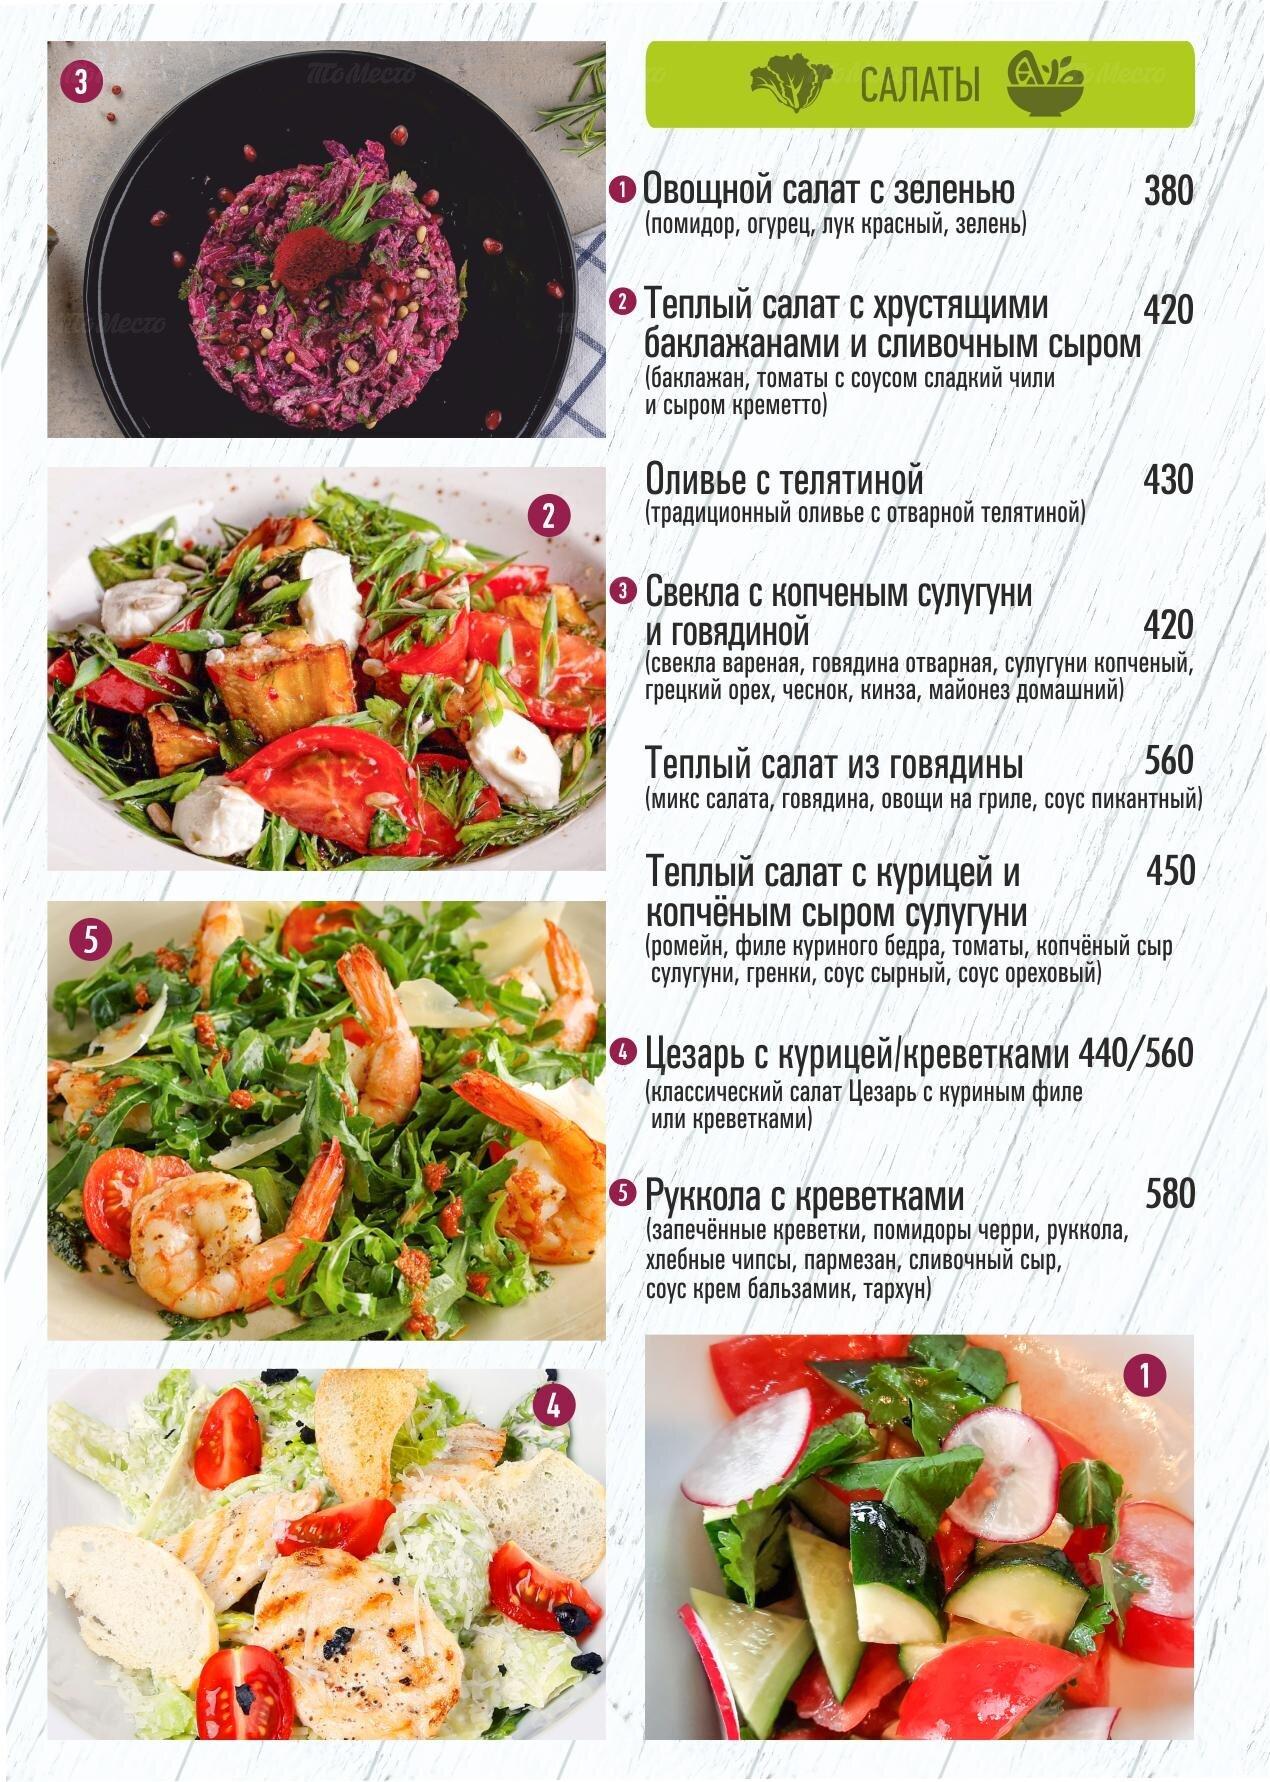 Меню ресторана Мускат на Камышовой улице фото 2